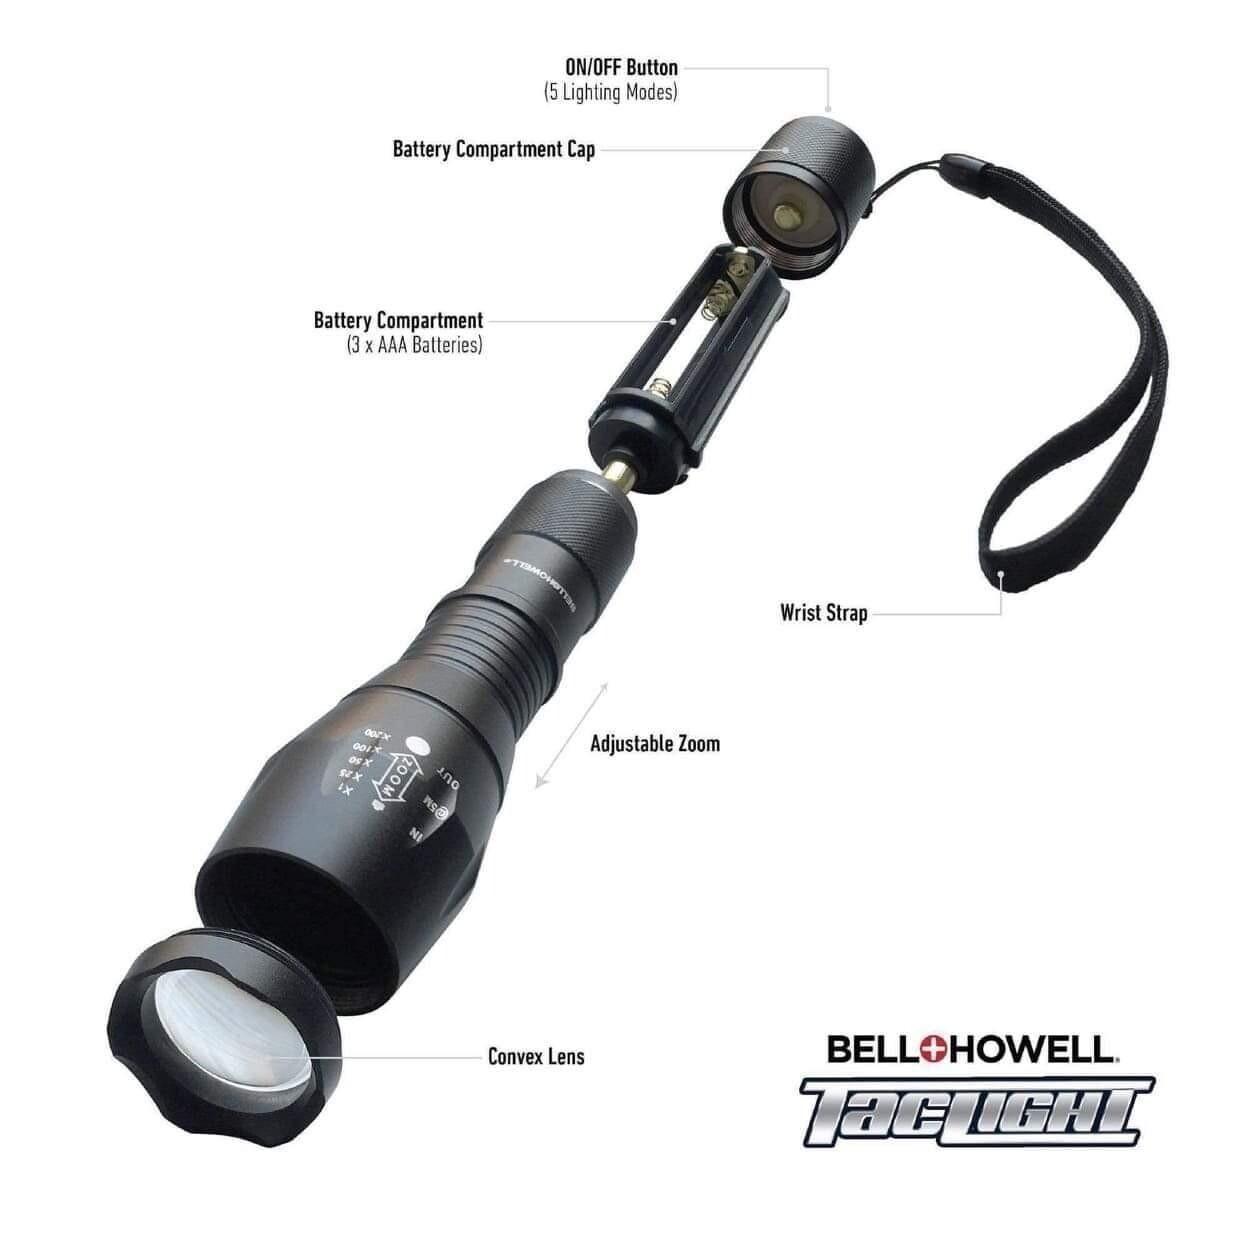 Turbo Light LED Flashlight with 5 modes